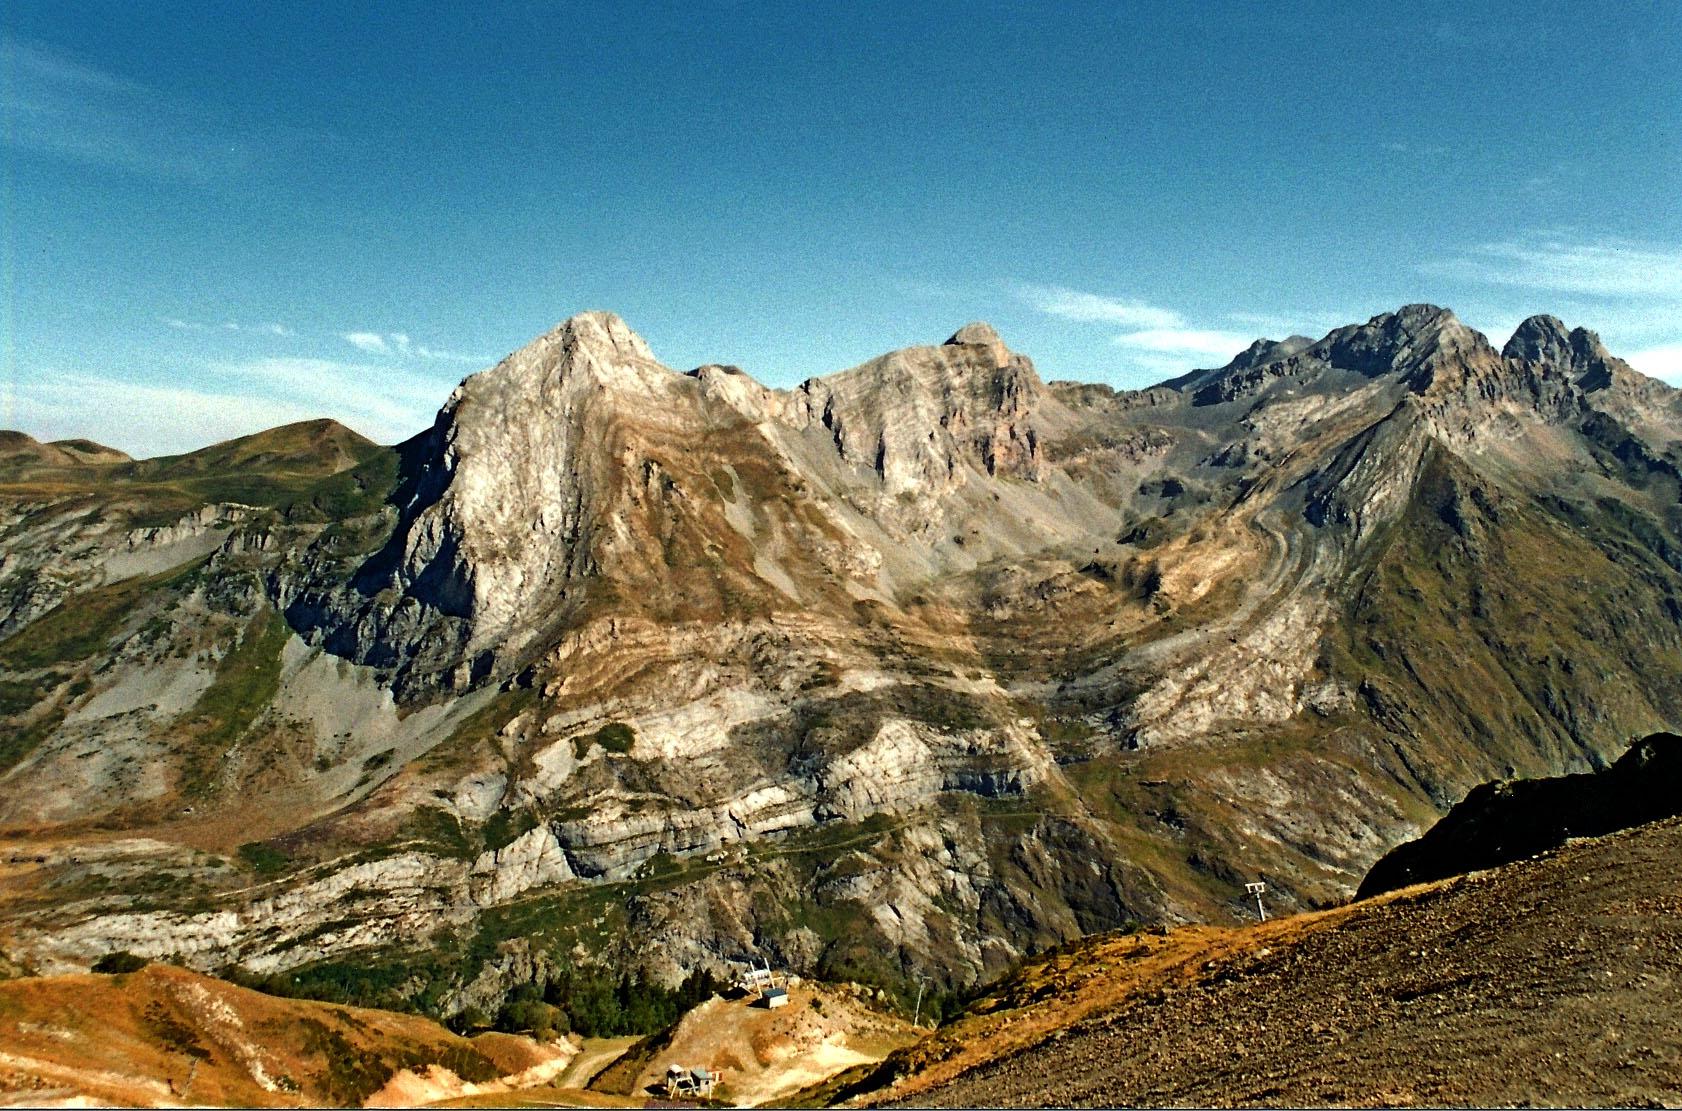 Vue sur le pic de l'Arcizette, présentant le chevauchement des Eaux Chaudes – Pyrénées-Atlantiques (cliché Y. Hervouët) – Site classé ***